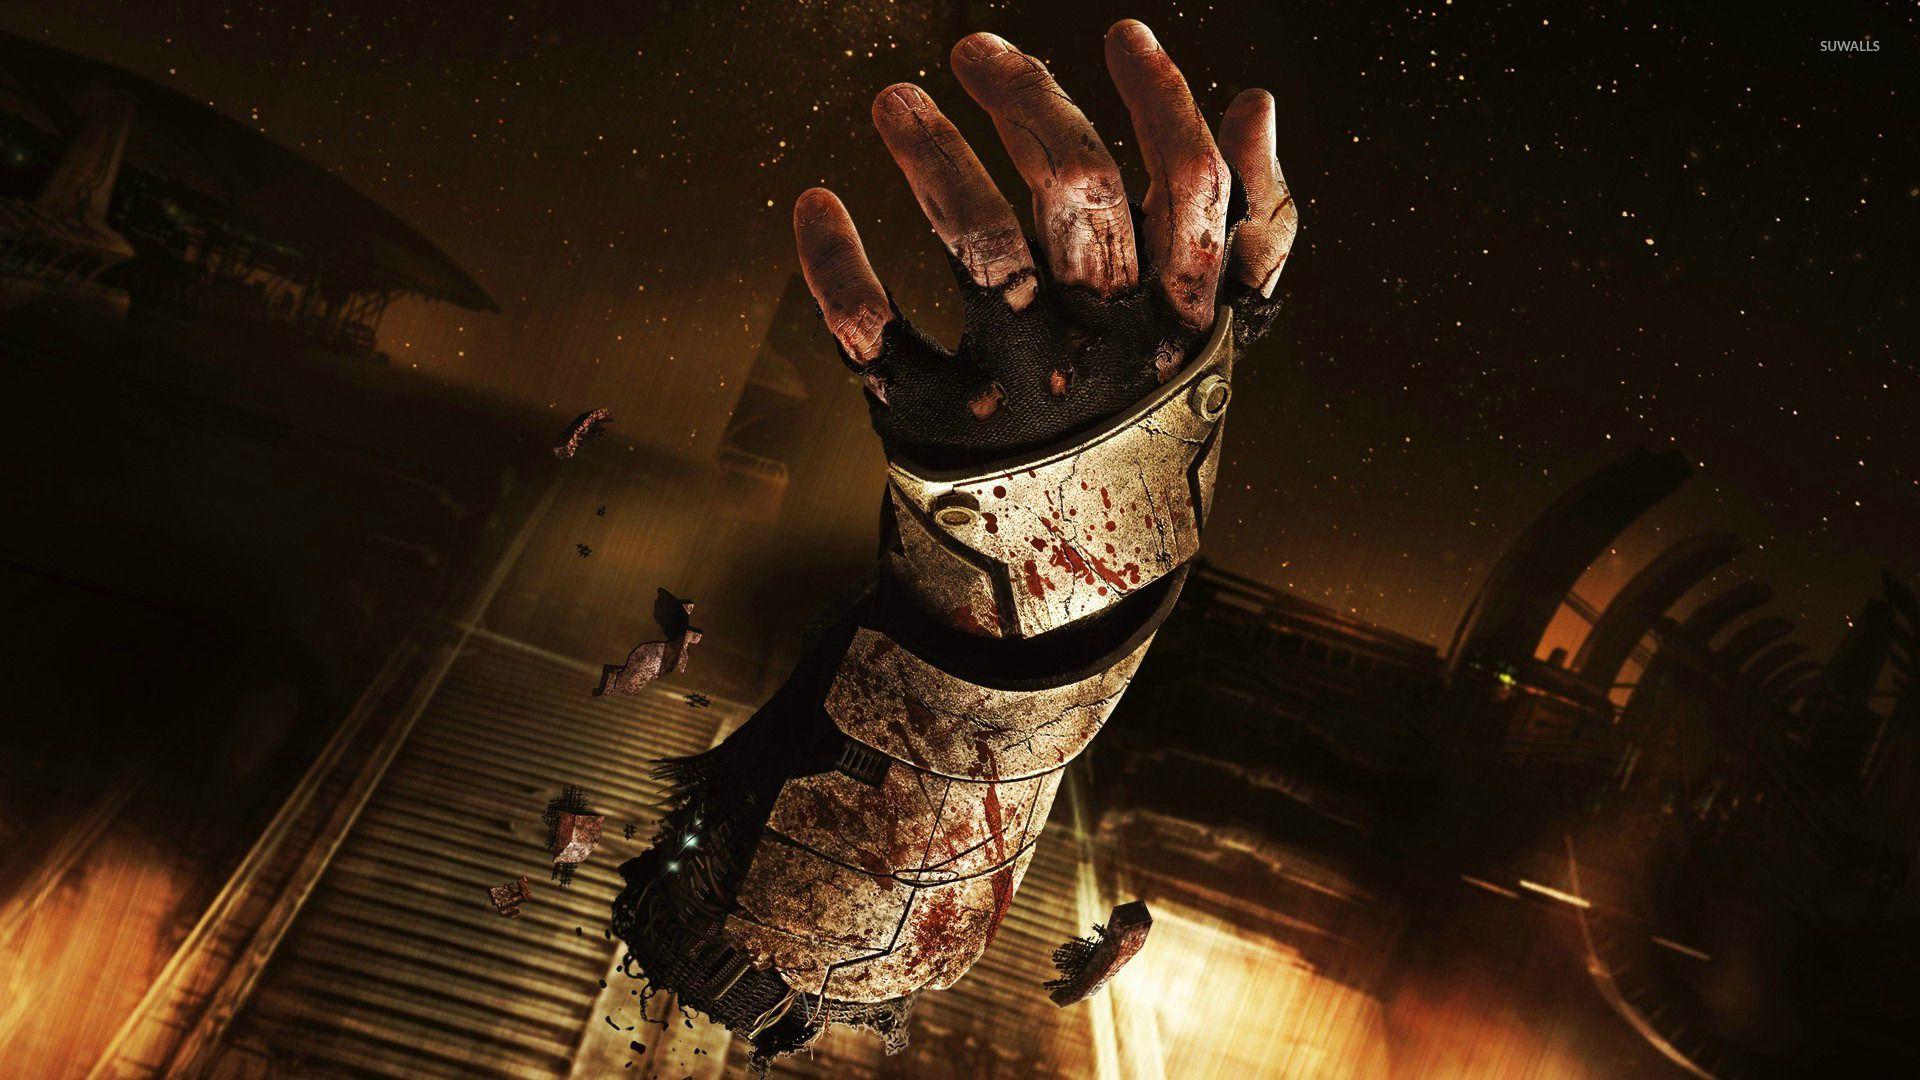 Dead Space Wallpaper X Mobile Compatible Dead Space Dead Space Dead Horror Video Games